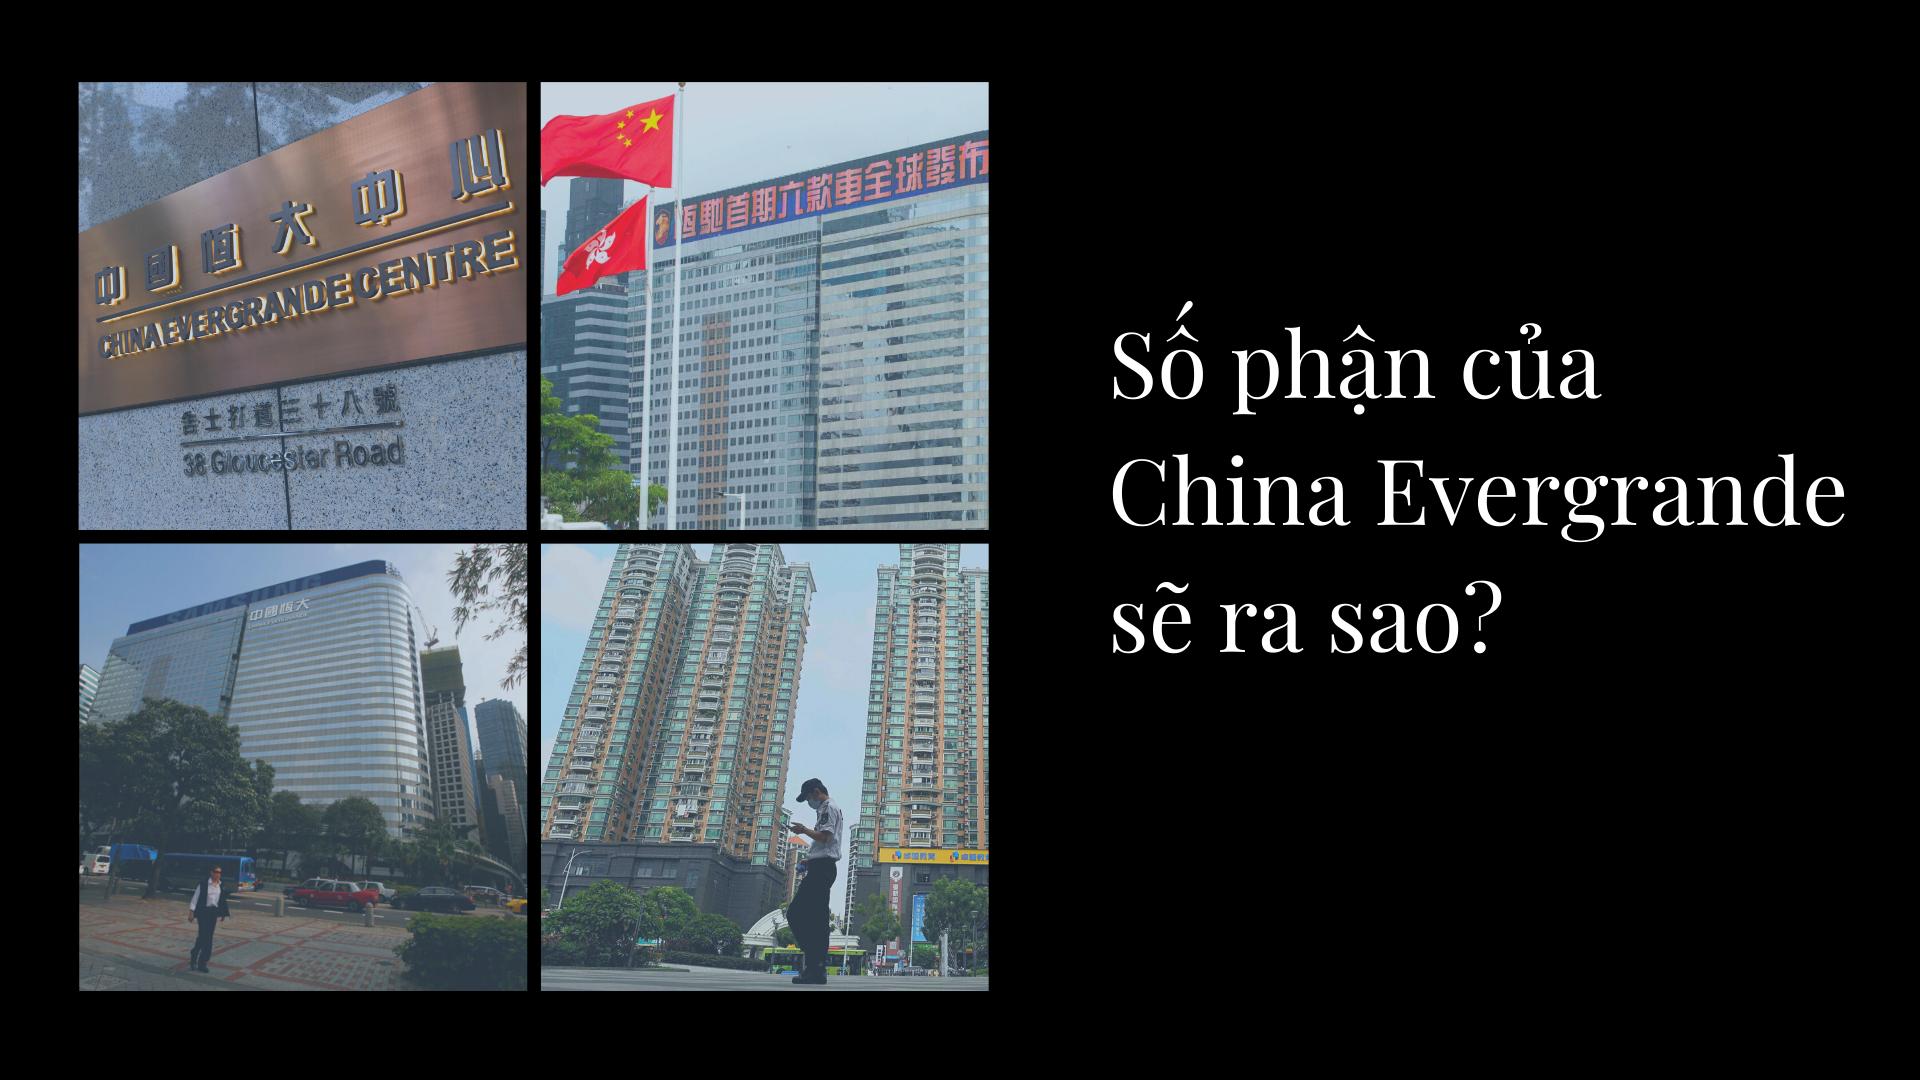 """China Evergrande - Tập đoàn BĐS """"khủng"""" nhất Trung Quốc cùng hố nợ 300 tỷ USD - Ảnh 5."""